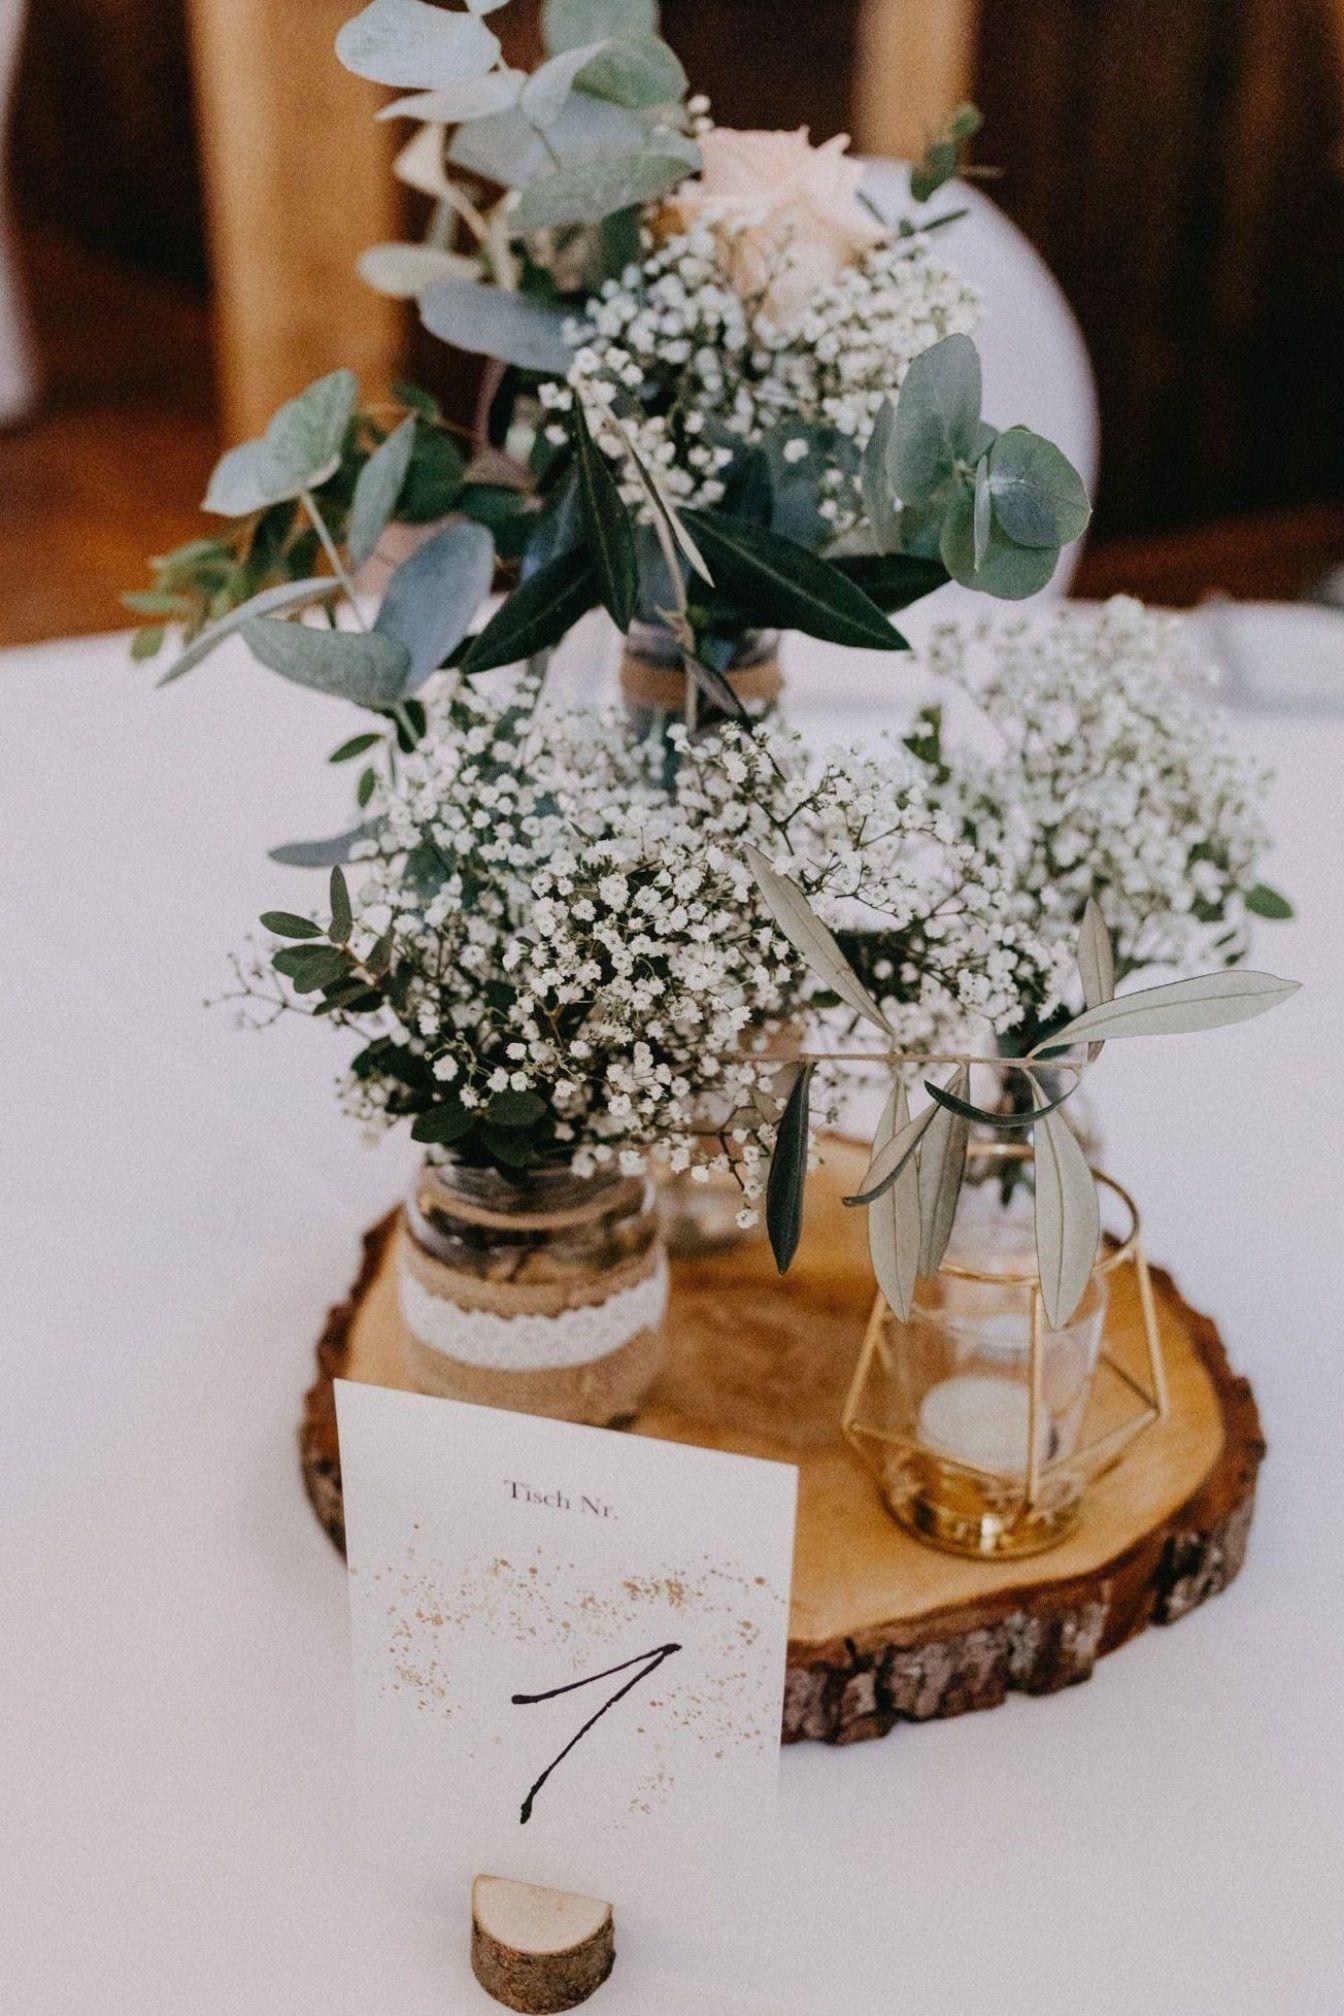 Tischdeko Hochzeit Wedding Decoration Diy Vintage Boho Weddingideas Vintagewedding Greene In 2020 Diy Wedding Decorations Wedding Decorations Wedding Table Decorations